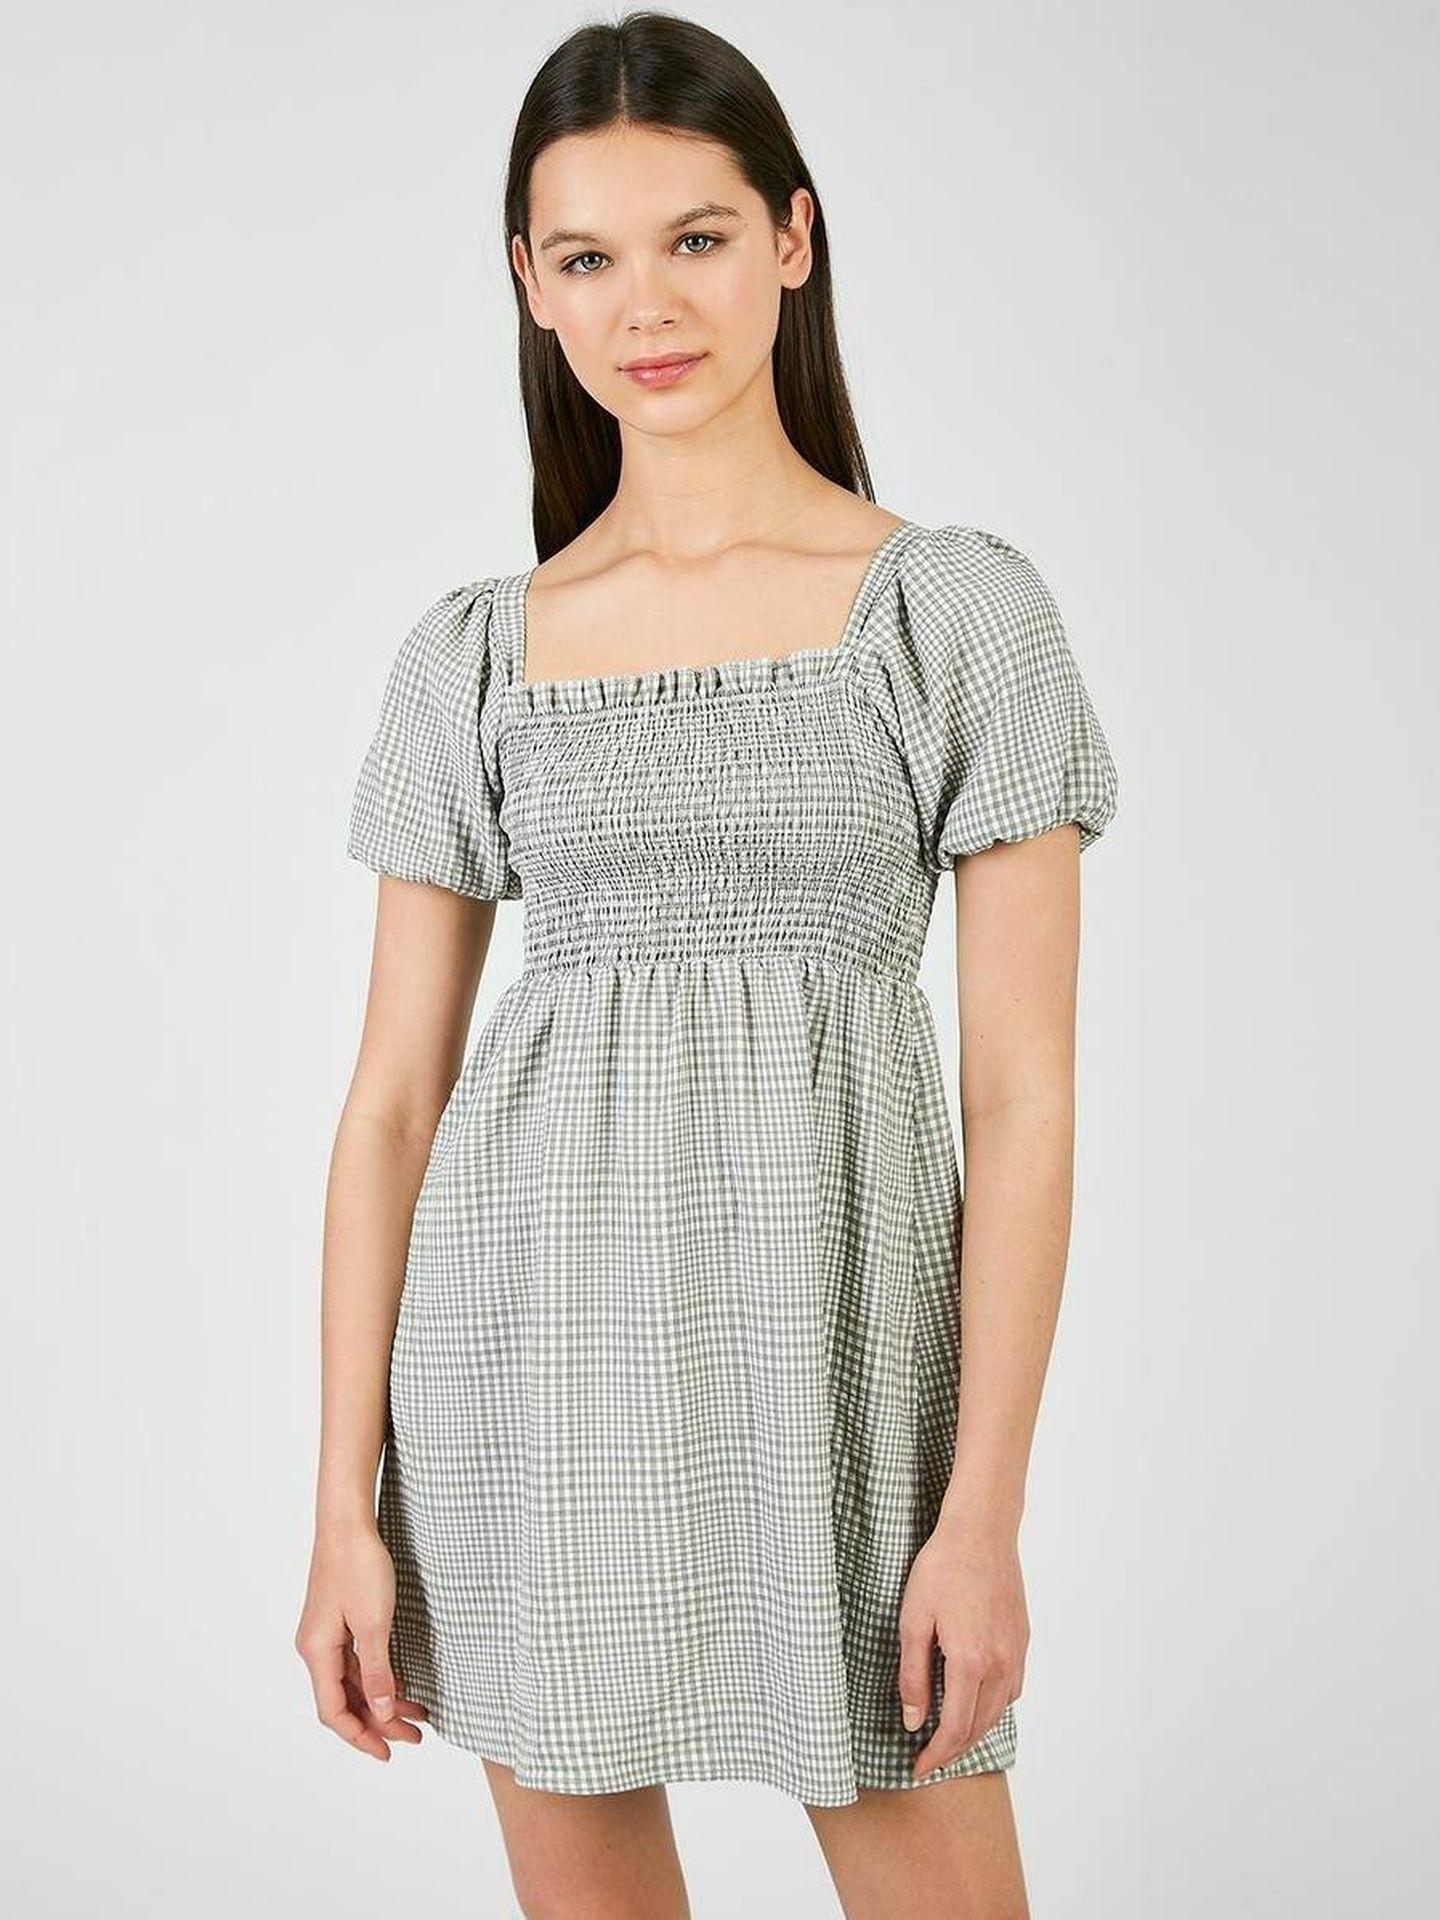 Vestido de cuadros de Naelle a la venta en El Corte Inglés. (Cortesía)